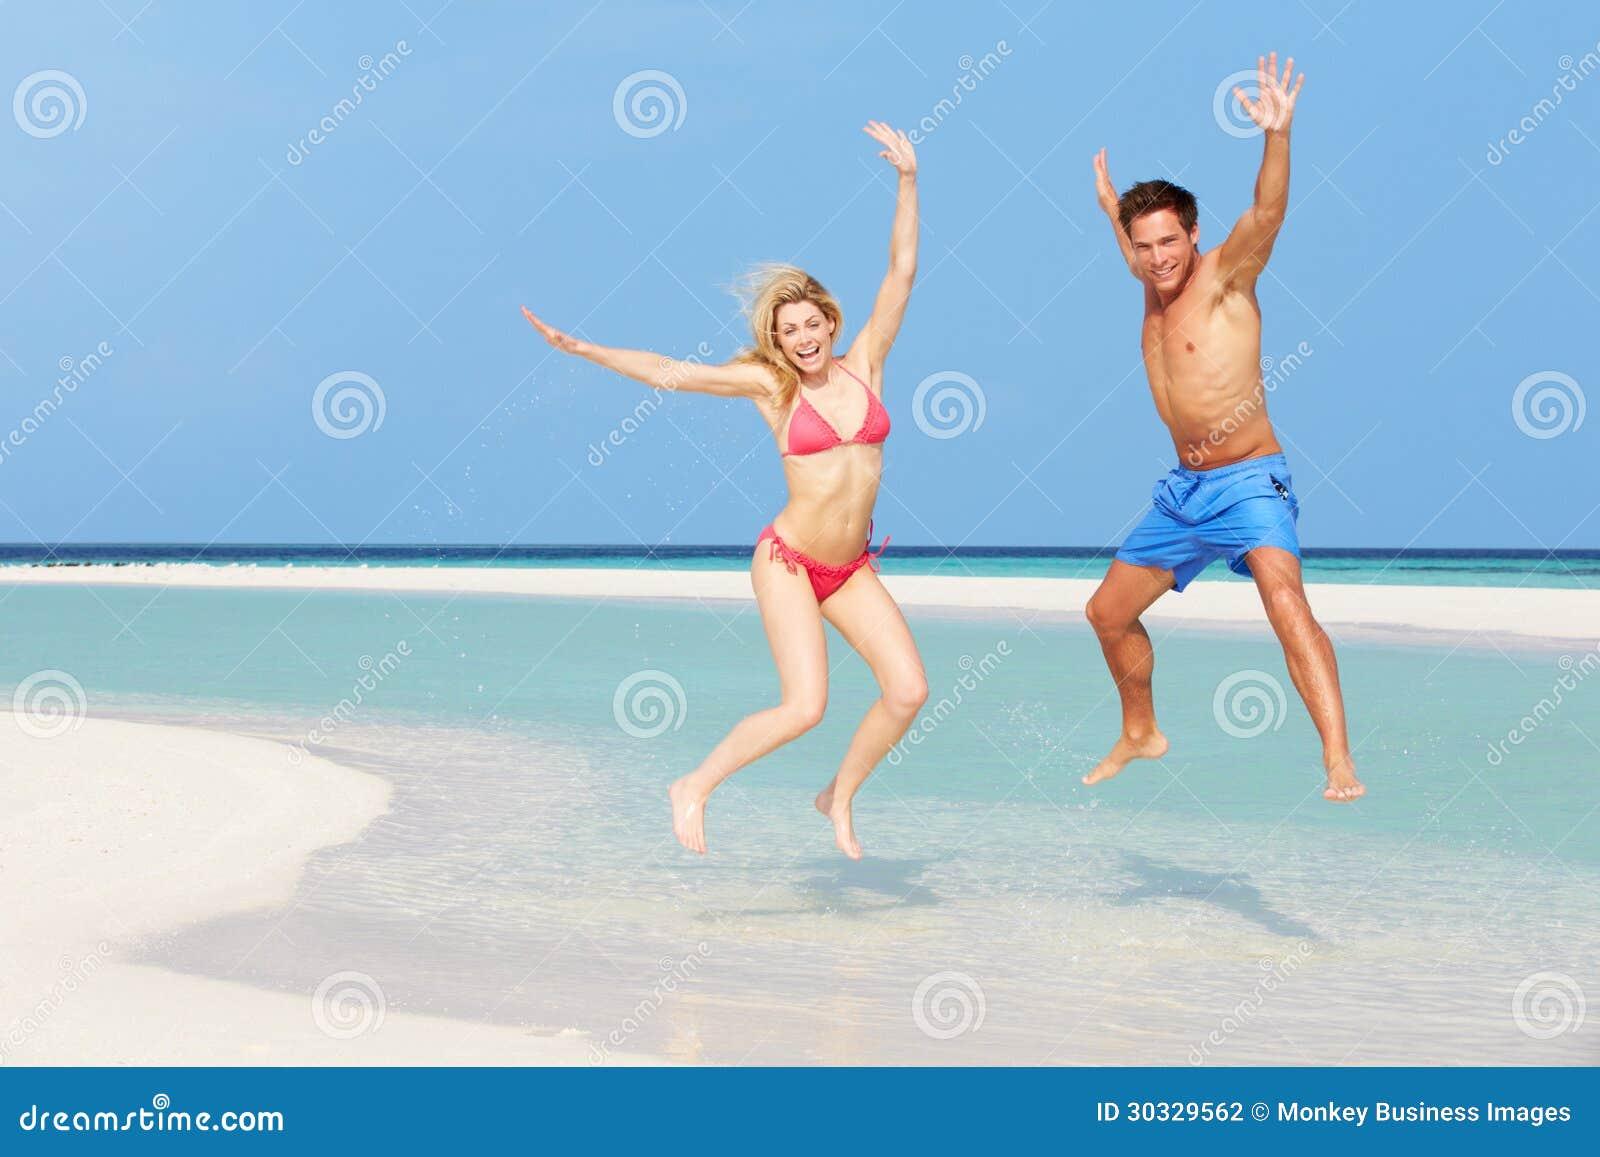 跳跃在美丽的热带海滩的夫妇